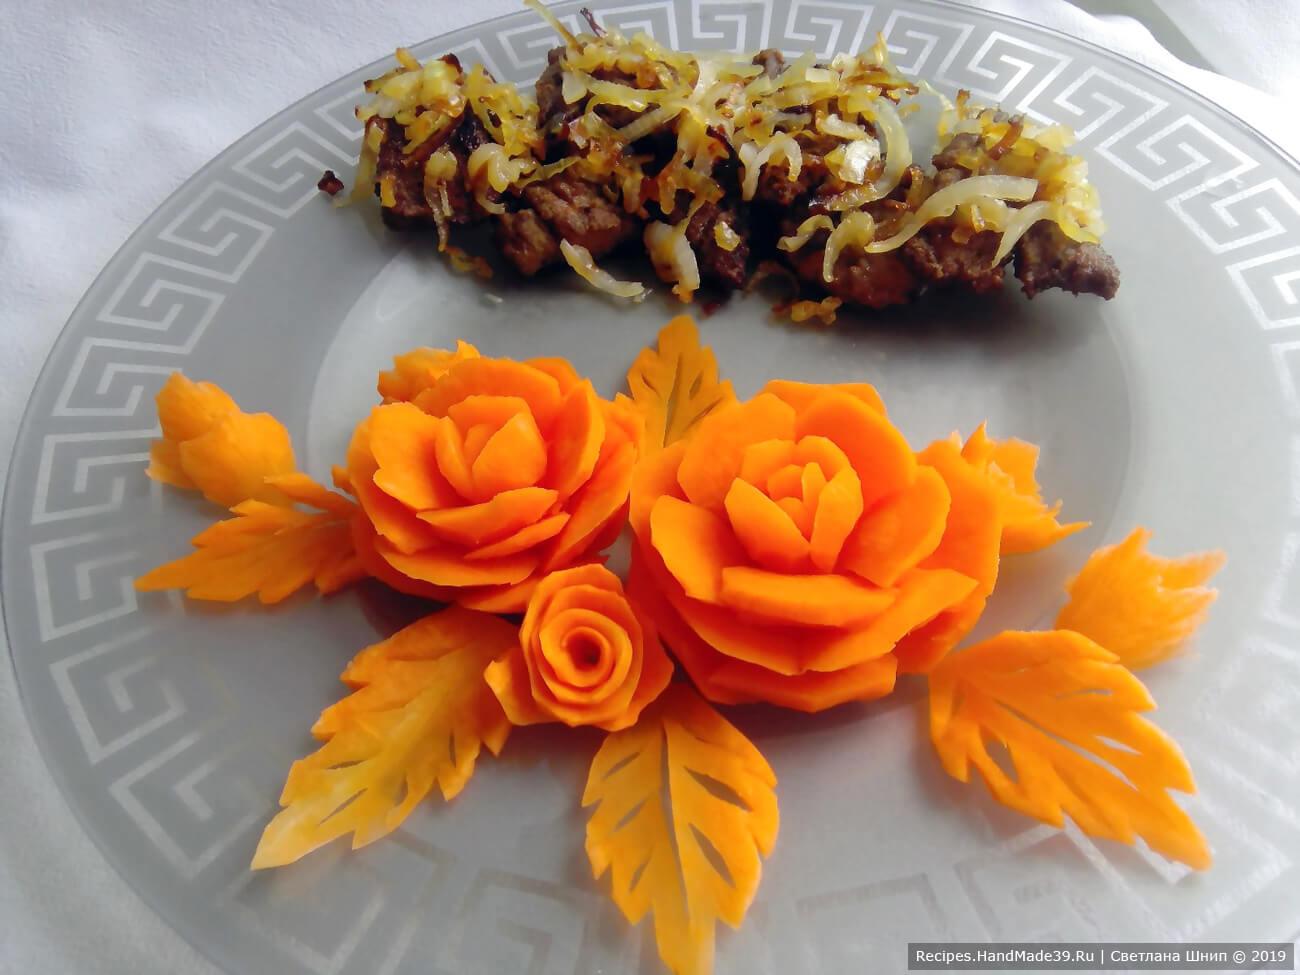 Отбивные из говяжьей печени эффектно смотрятся на тарелке с цветами из овощей. Приятного аппетита!